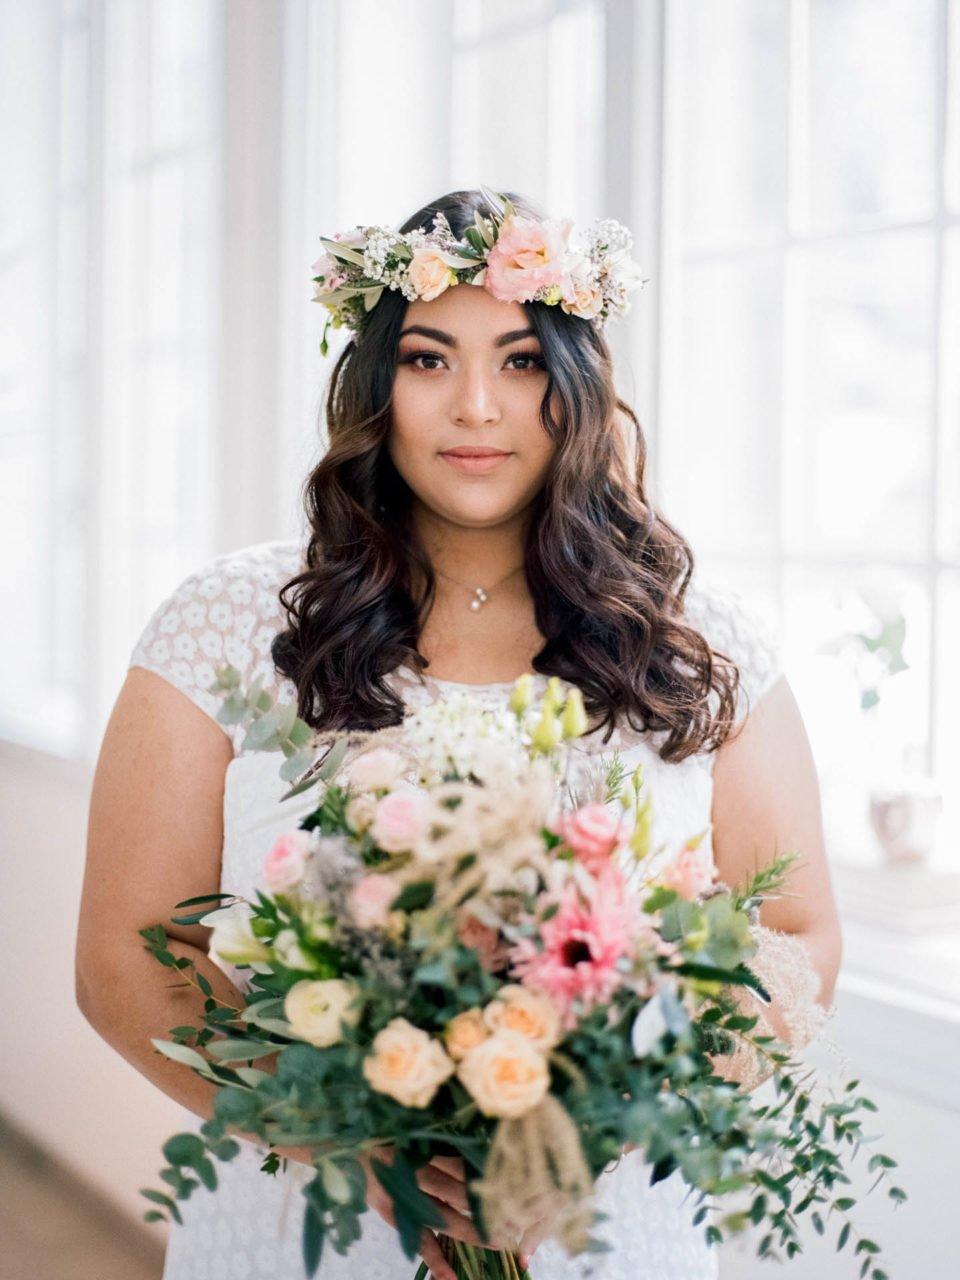 Curvy Braut mit Brautstrauss und Blumenkranz im Haar